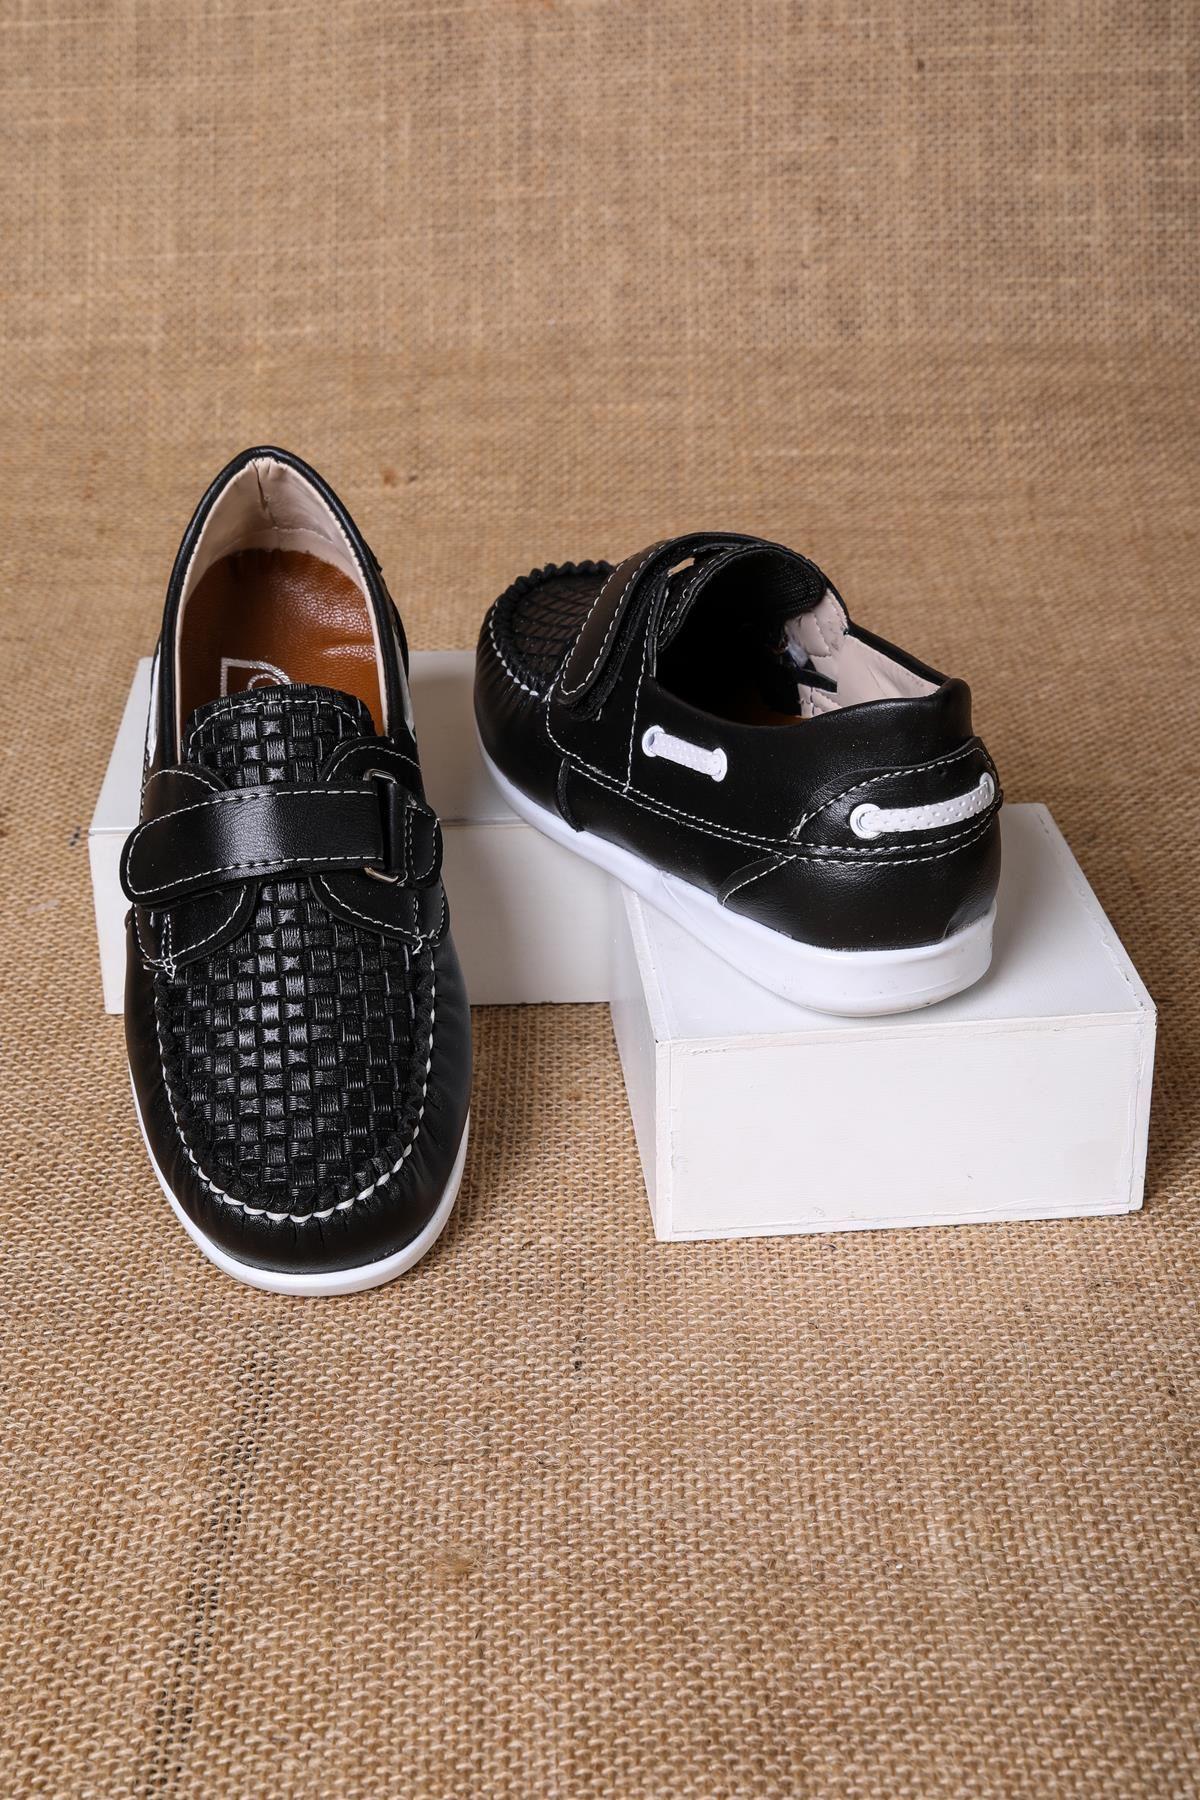 Siyah Baskılı Cırtlı Erkek Çocuk Ayakkabı